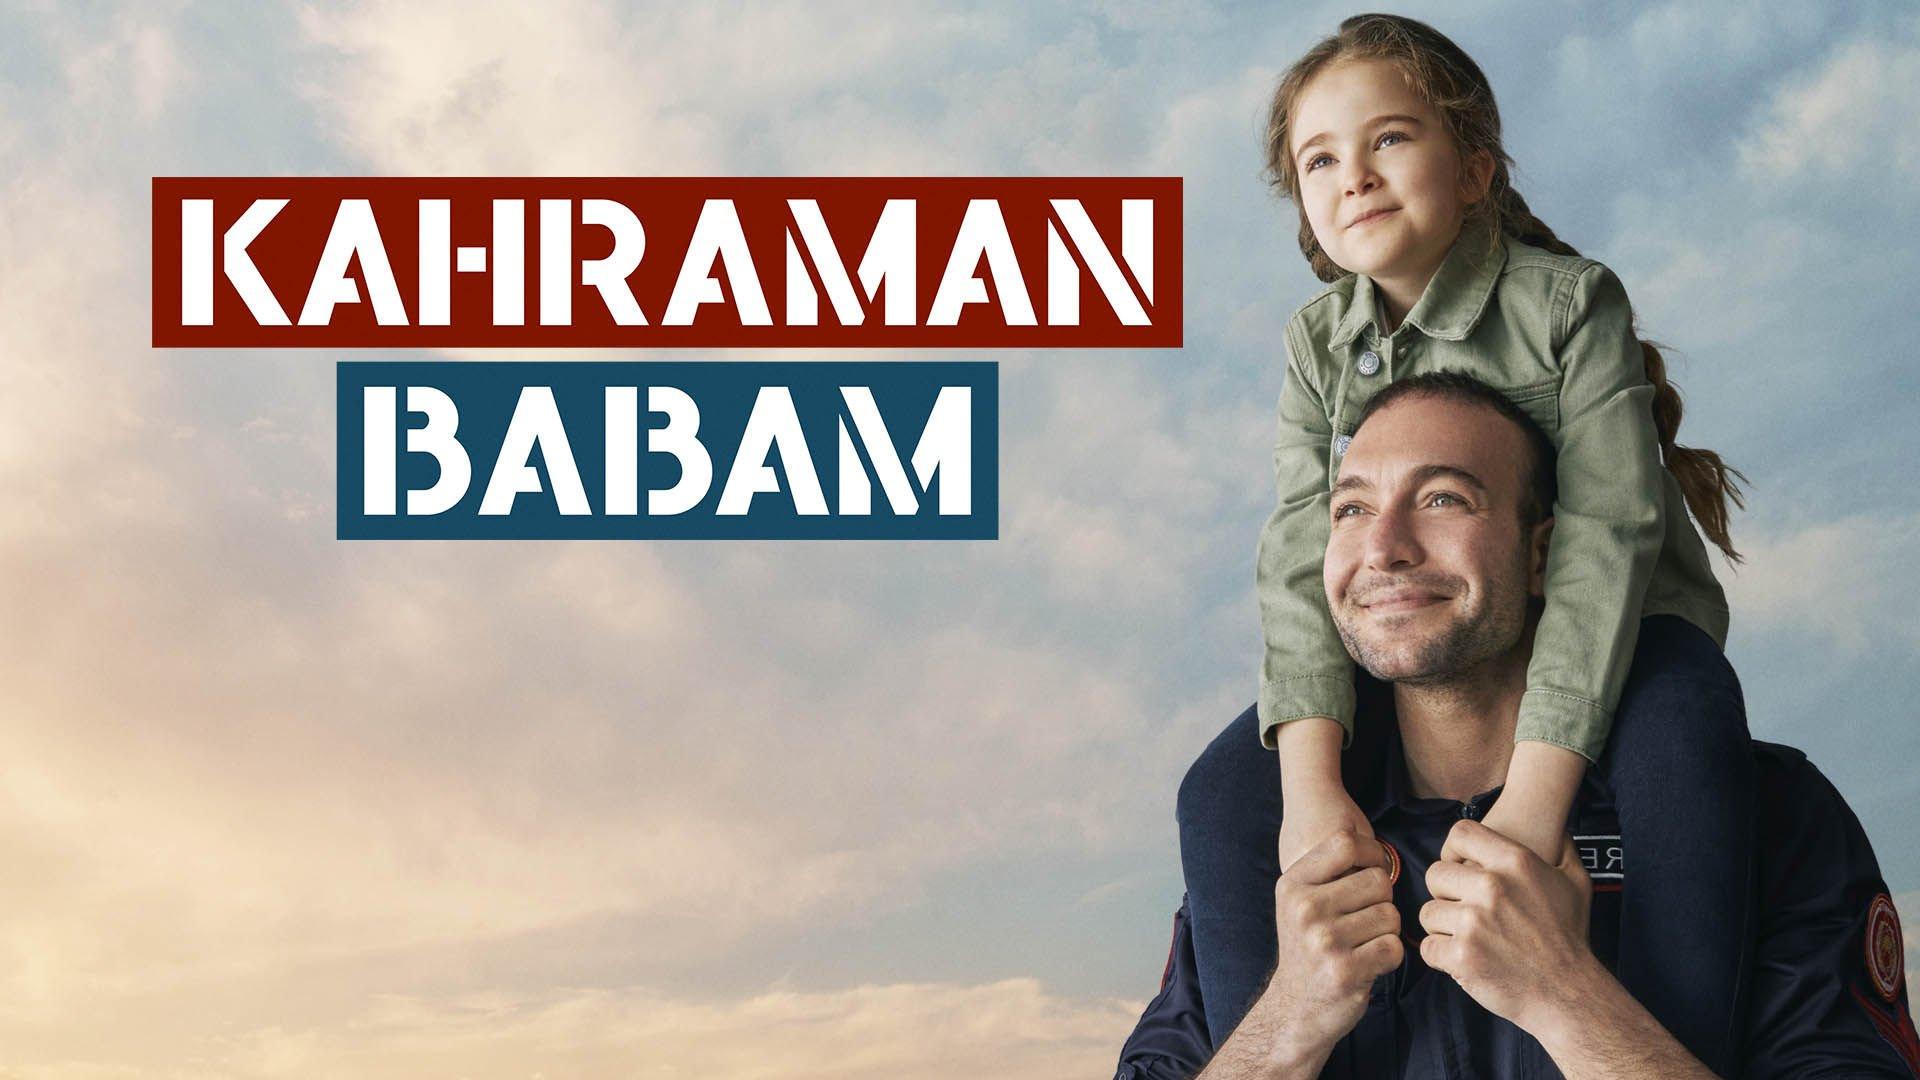 Kahraman Babam episode 6 English subtitles